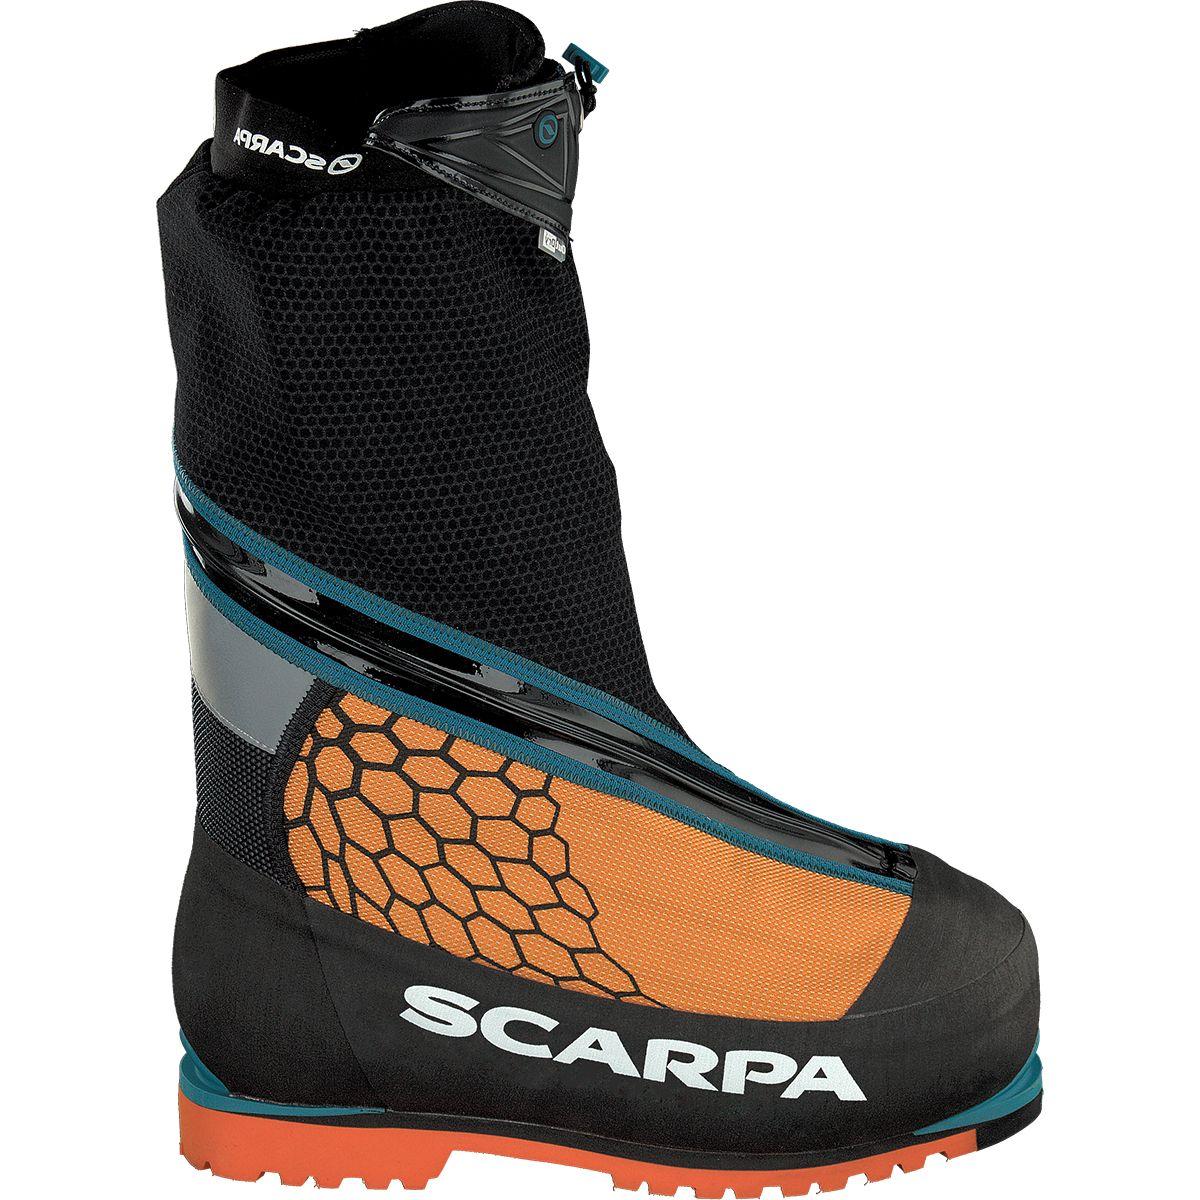 Ботинки Scarpa Phantom 8000 мужские черные 43